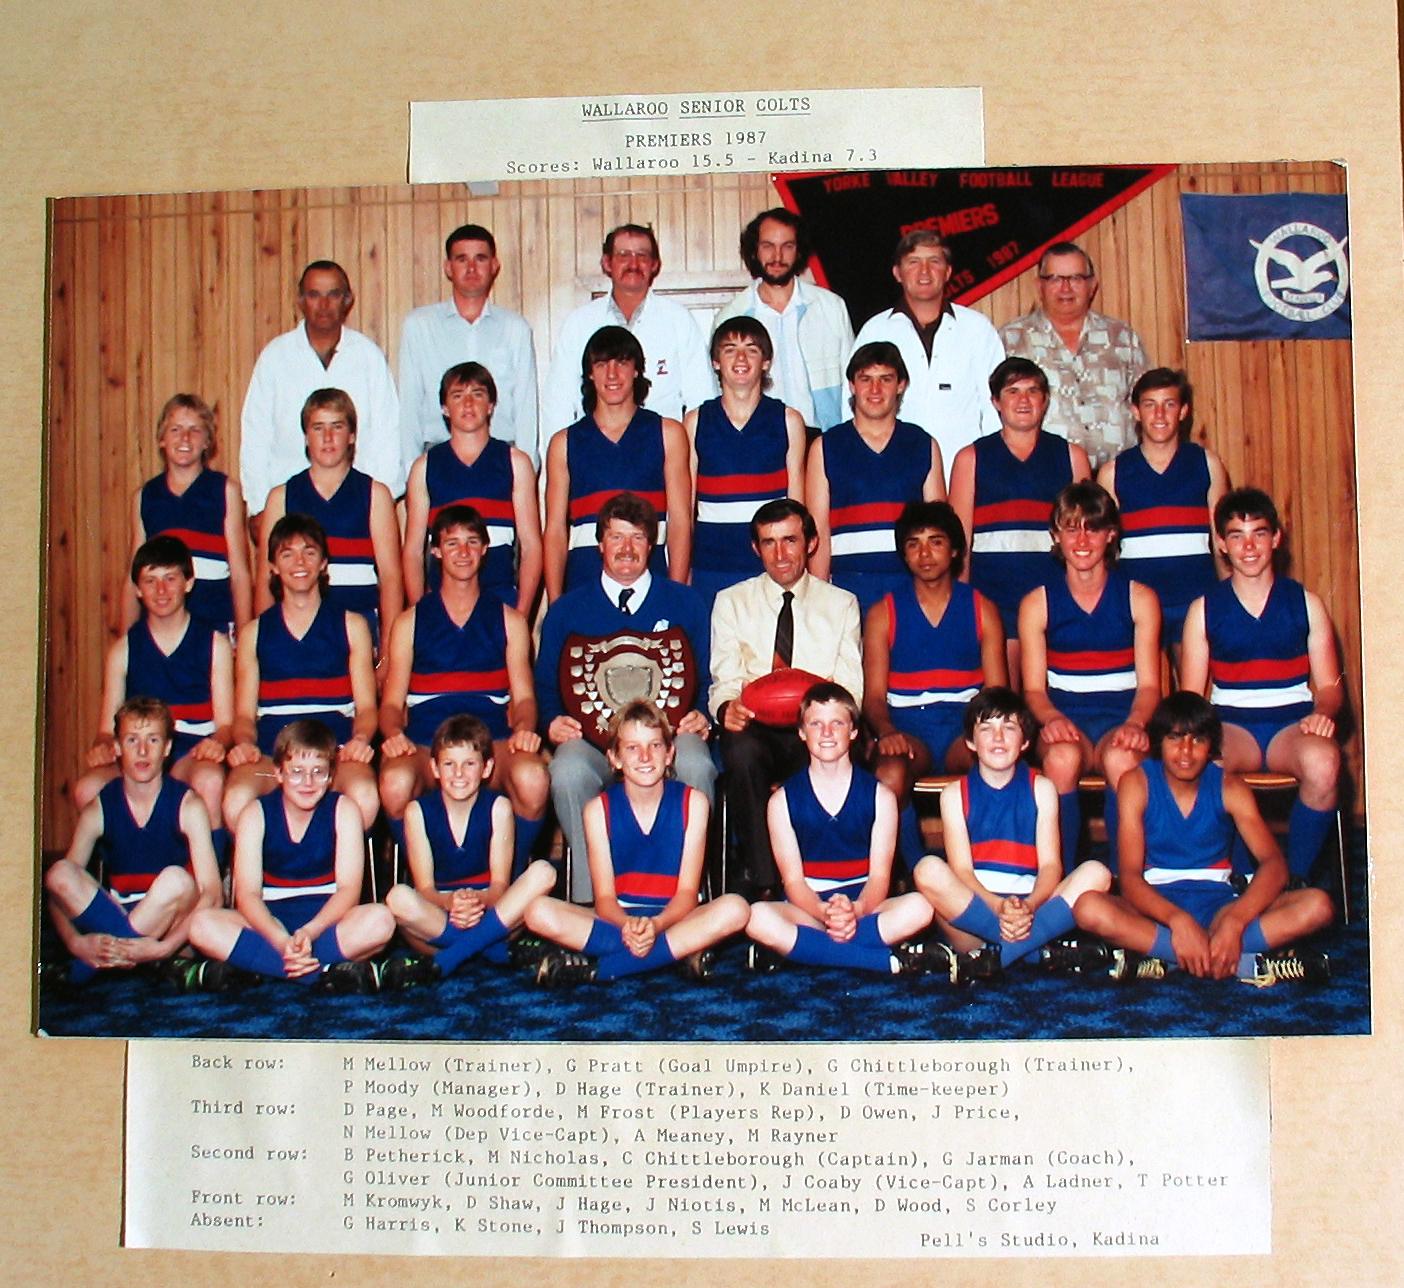 Senior Colts Premiers 1987